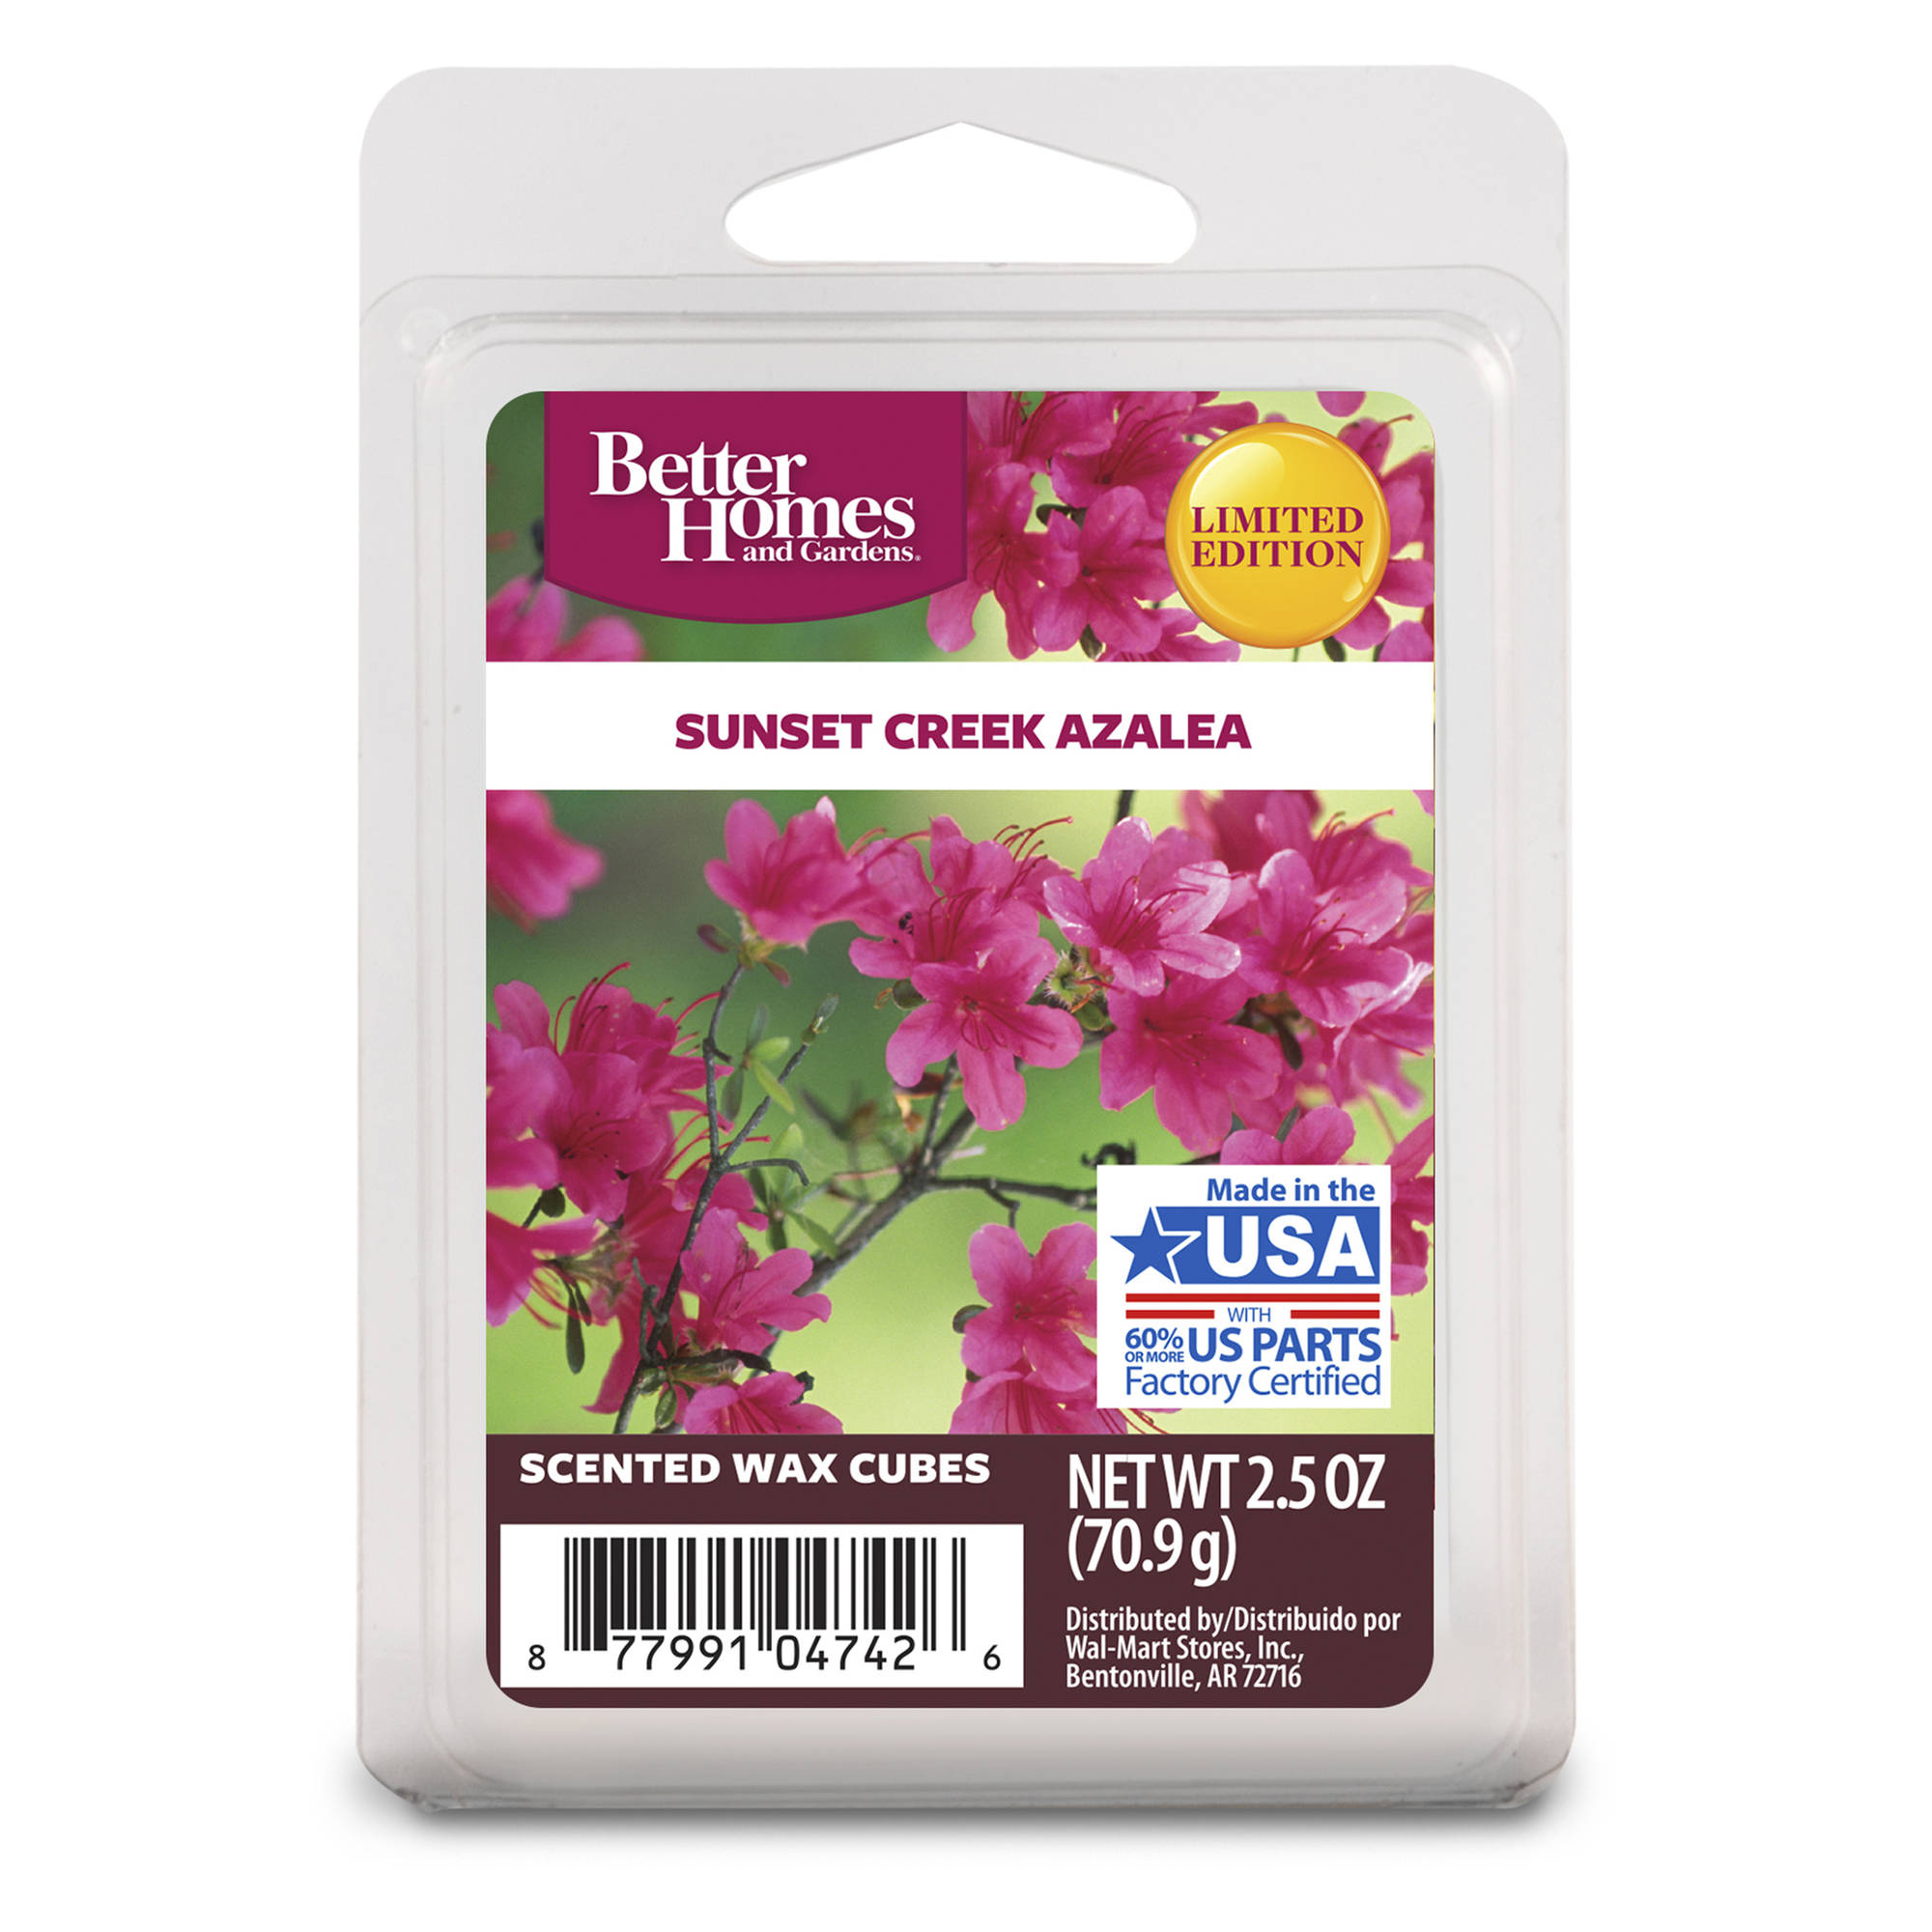 Better Homes and Gardens Wax Cubes, Sunset Creek Azalea